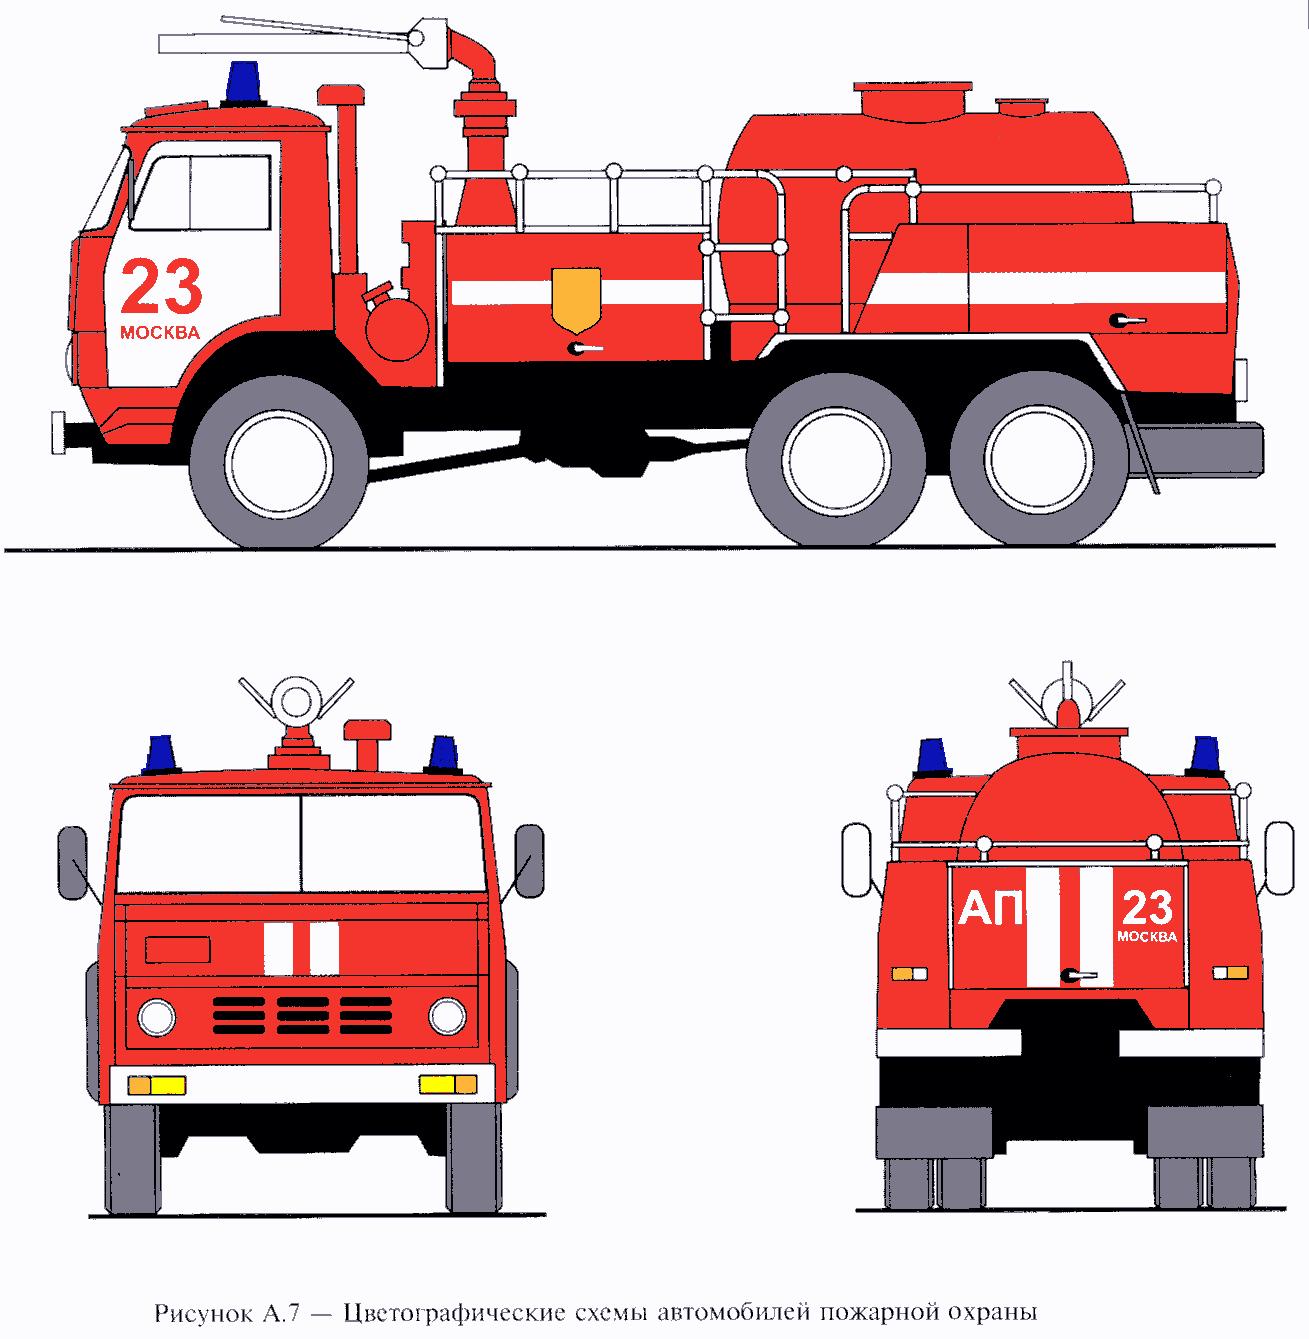 РИС. А.7 ПРИЛОЖЕНИЯ А К ГОСТ Р 50574-2002